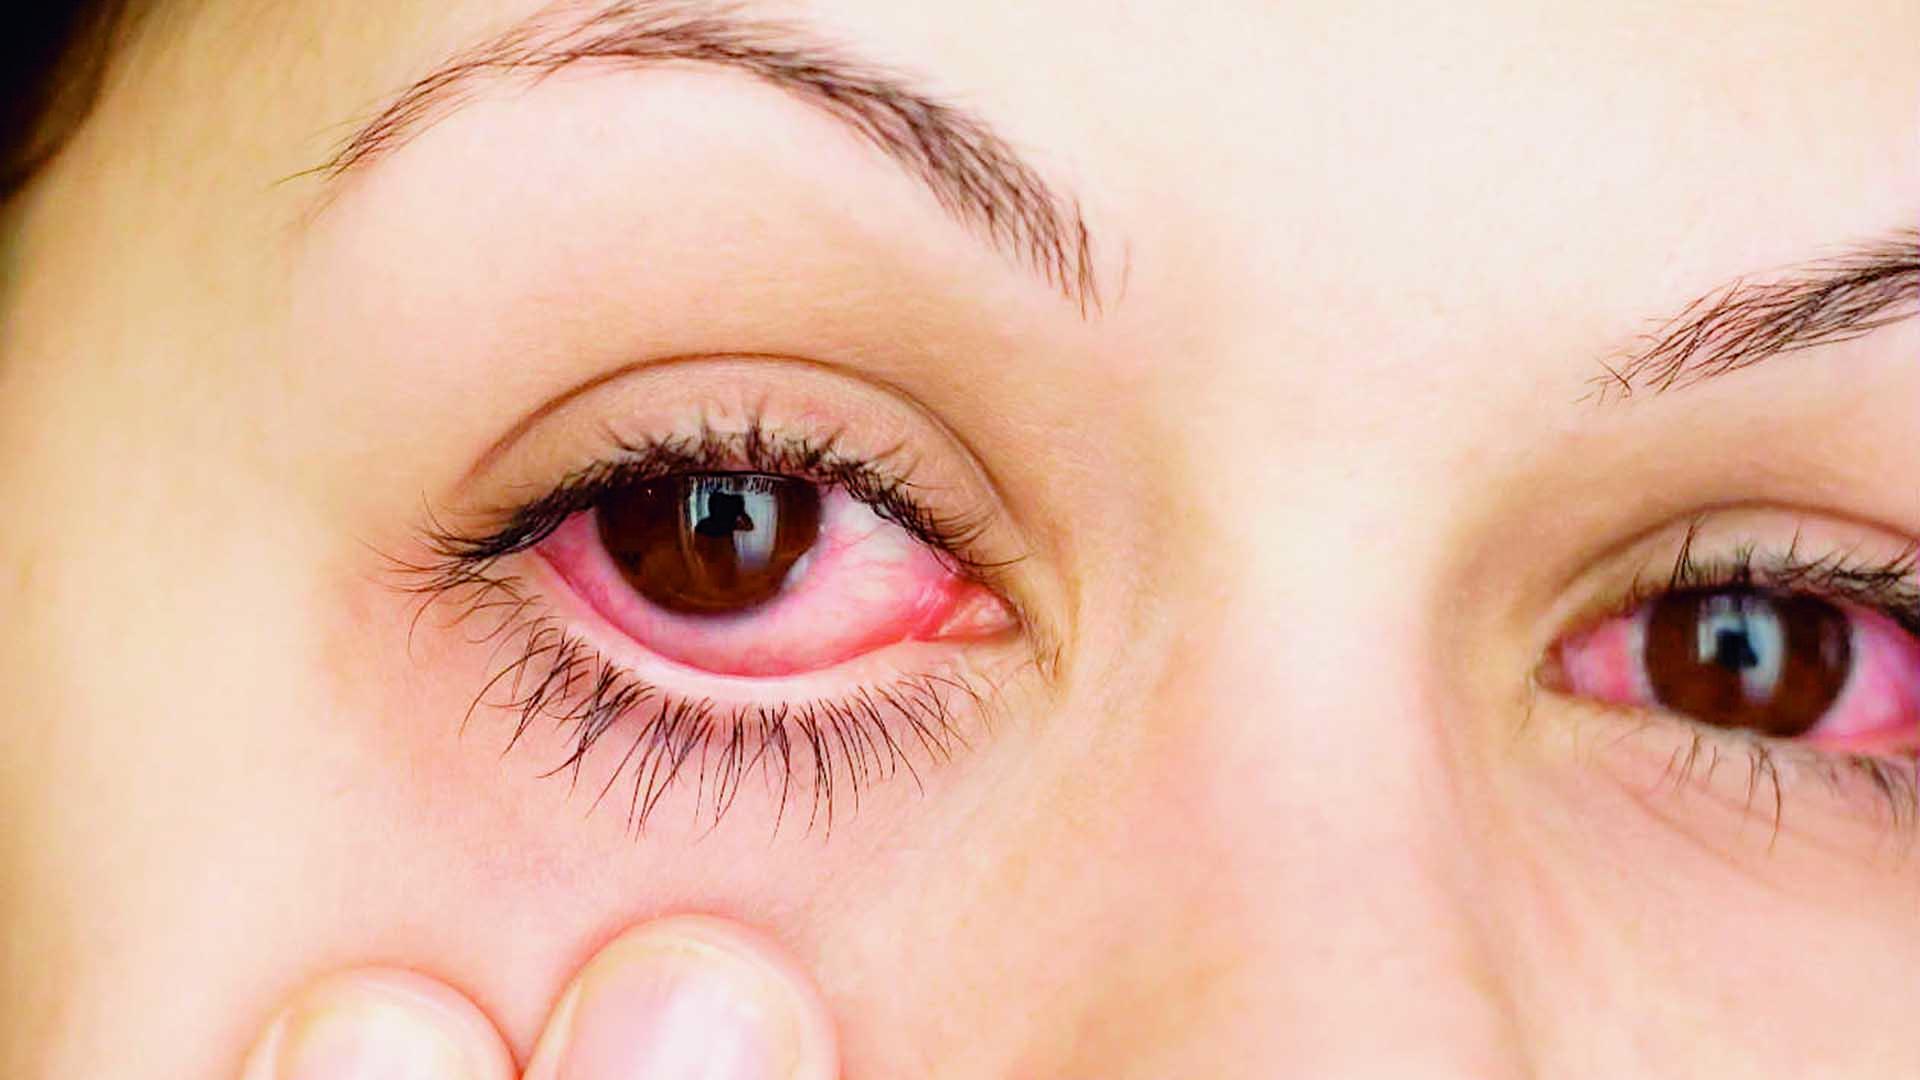 Remedios naturales para quitar el rojo del ojo